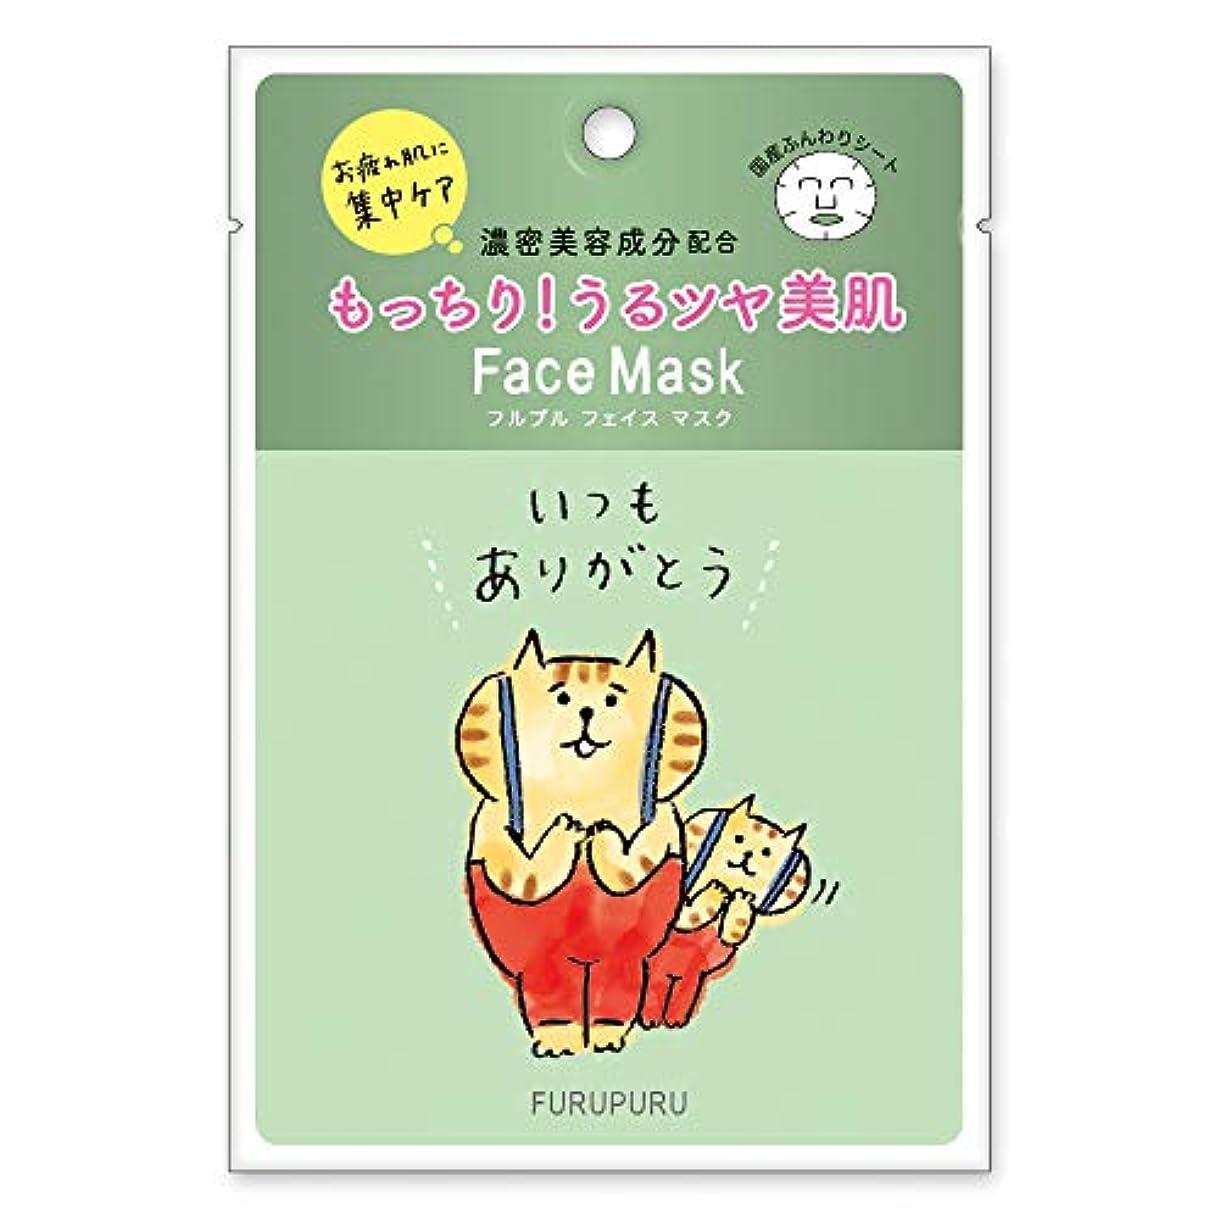 直感まともな絶対のフルプルクリーム フルプルフェイスマスク ごろごろにゃんすけ ありがとう やさしく香る天然ローズの香り 30g